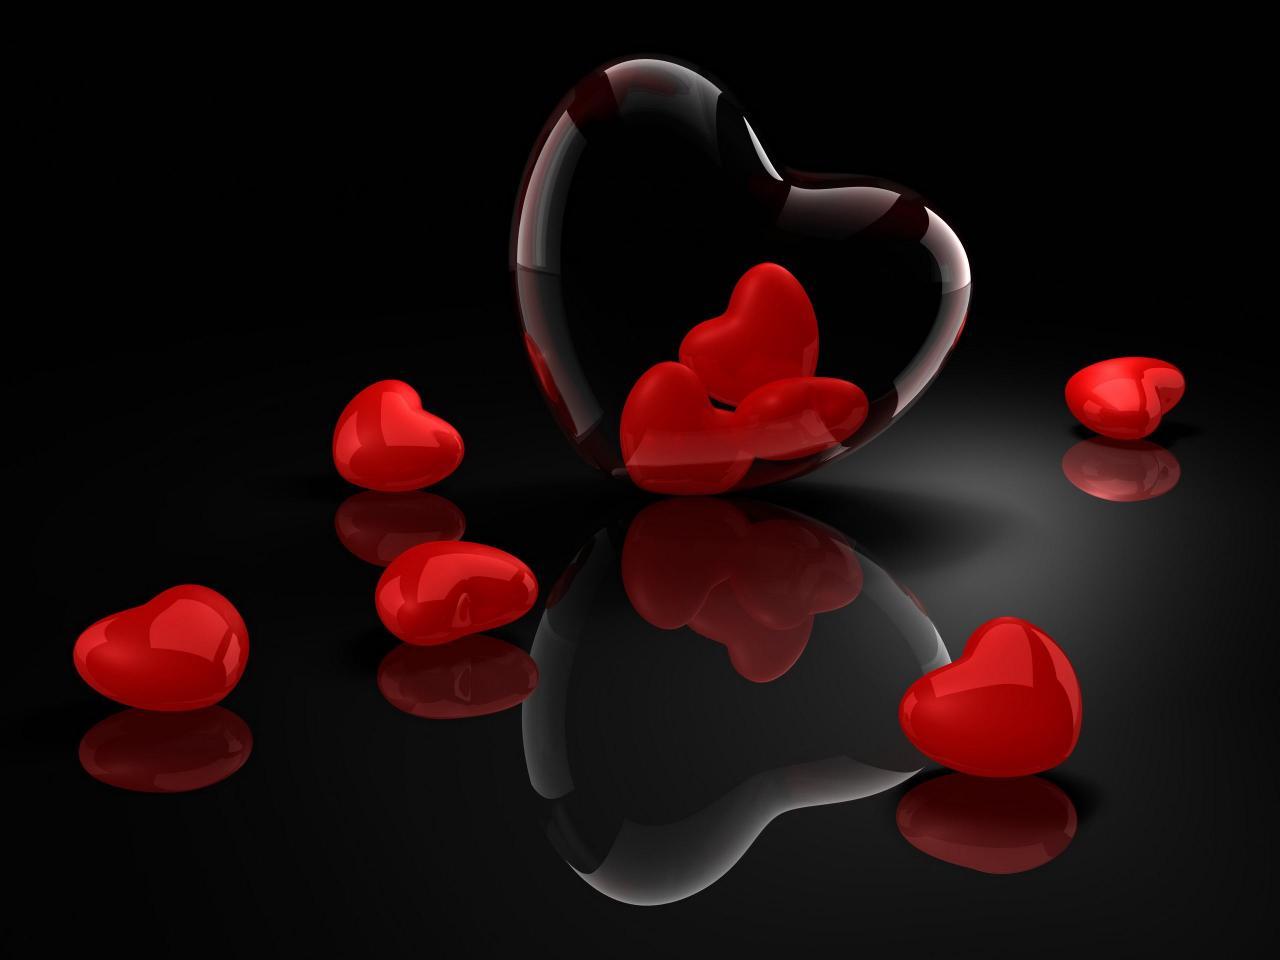 قلوب دليل على الحب.